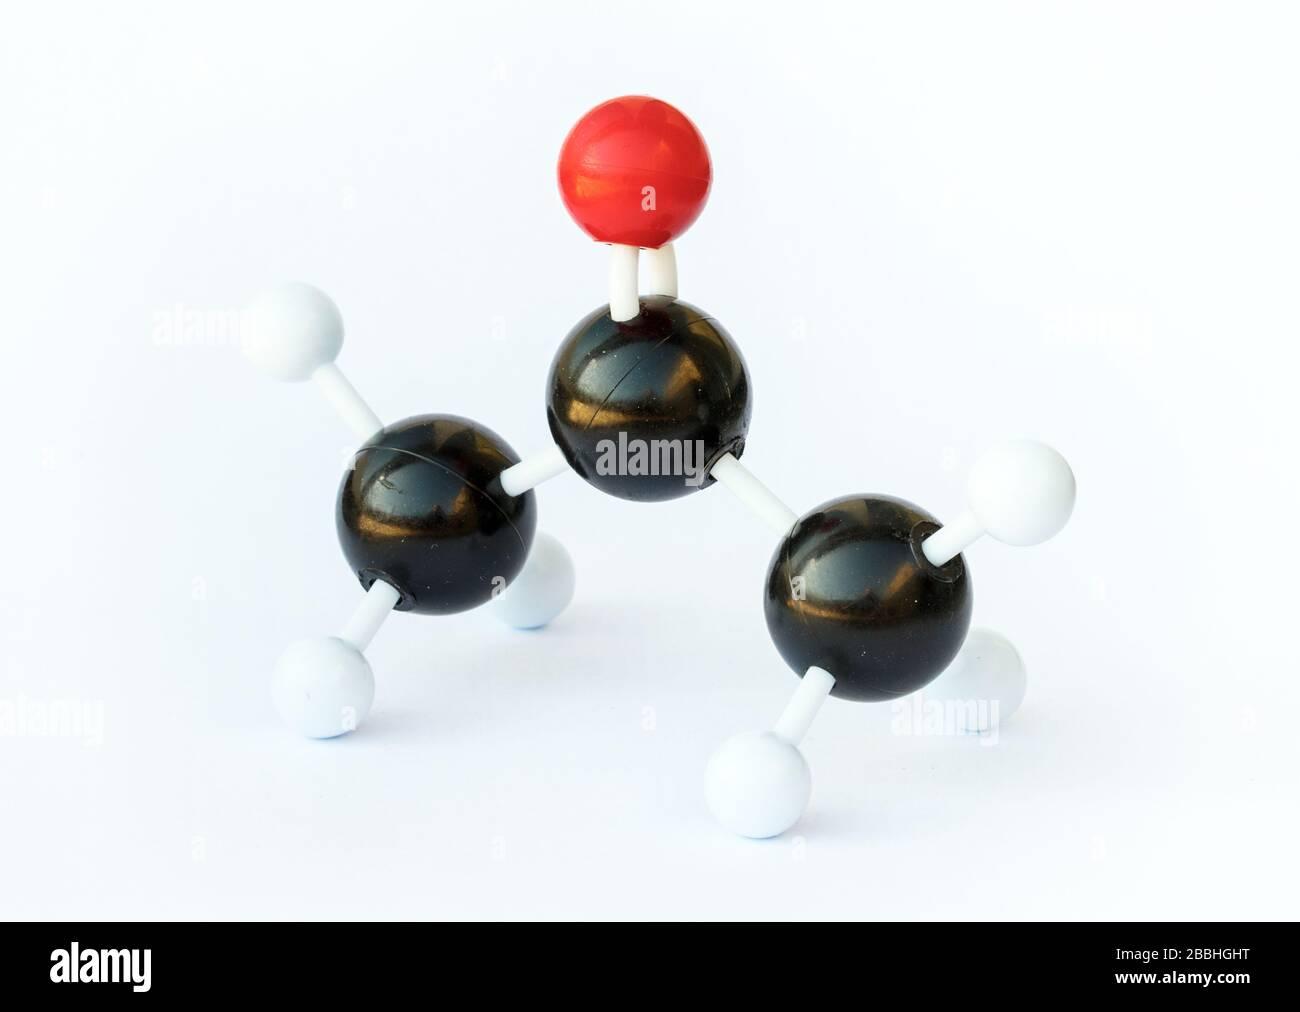 Modelo de bola y palo de una molécula de acetona (fórmula química (CH3)2CO) sobre fondo blanco. La acetona es la cetona más pequeña y se usa comúnmente como Foto de stock